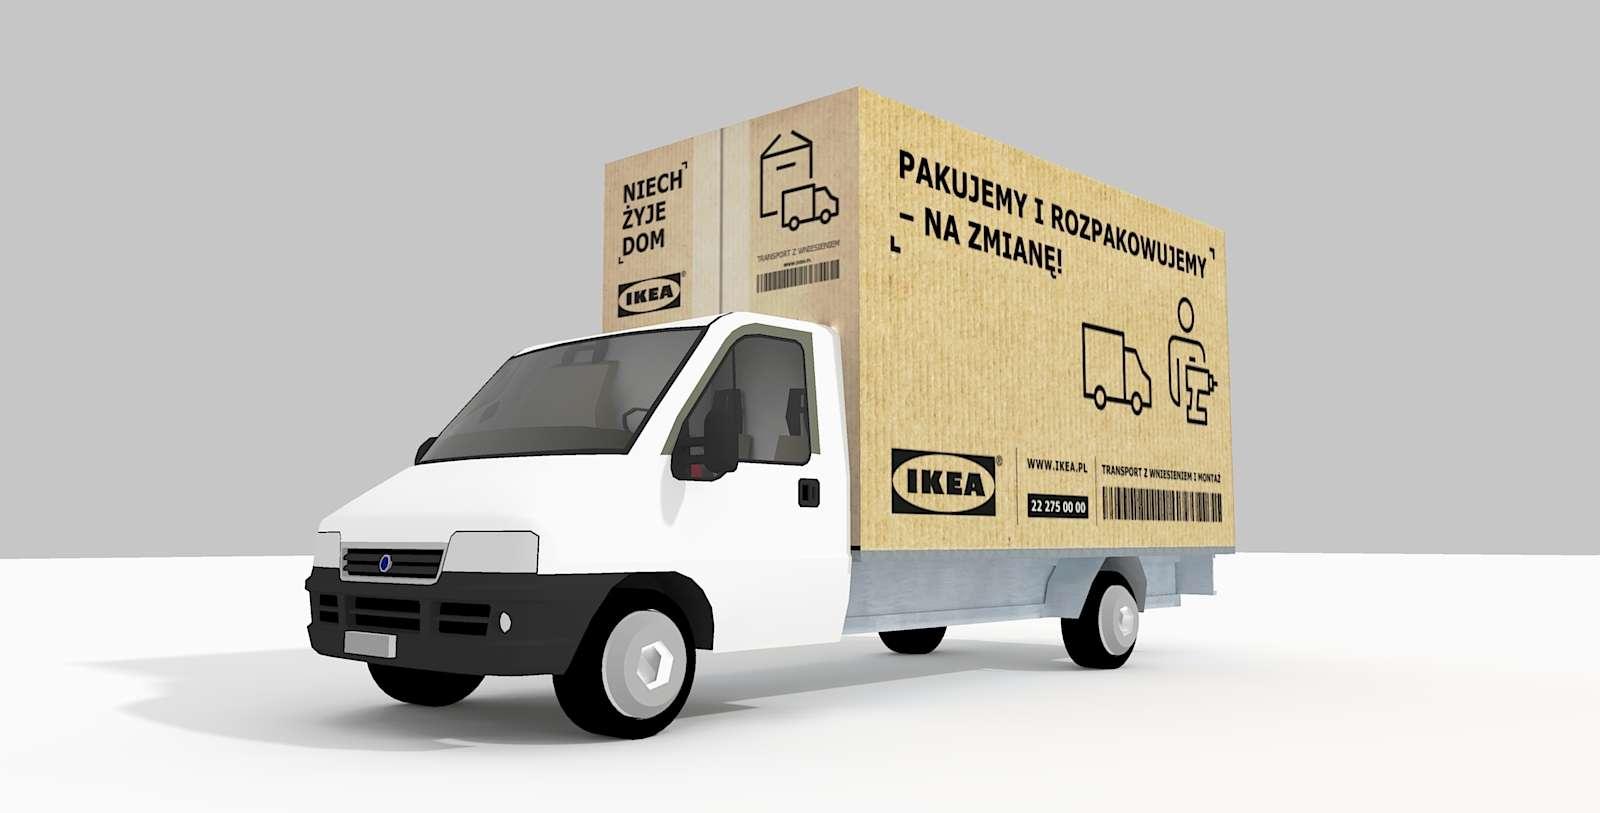 IKEA Van Kfz Lieferwagen Front